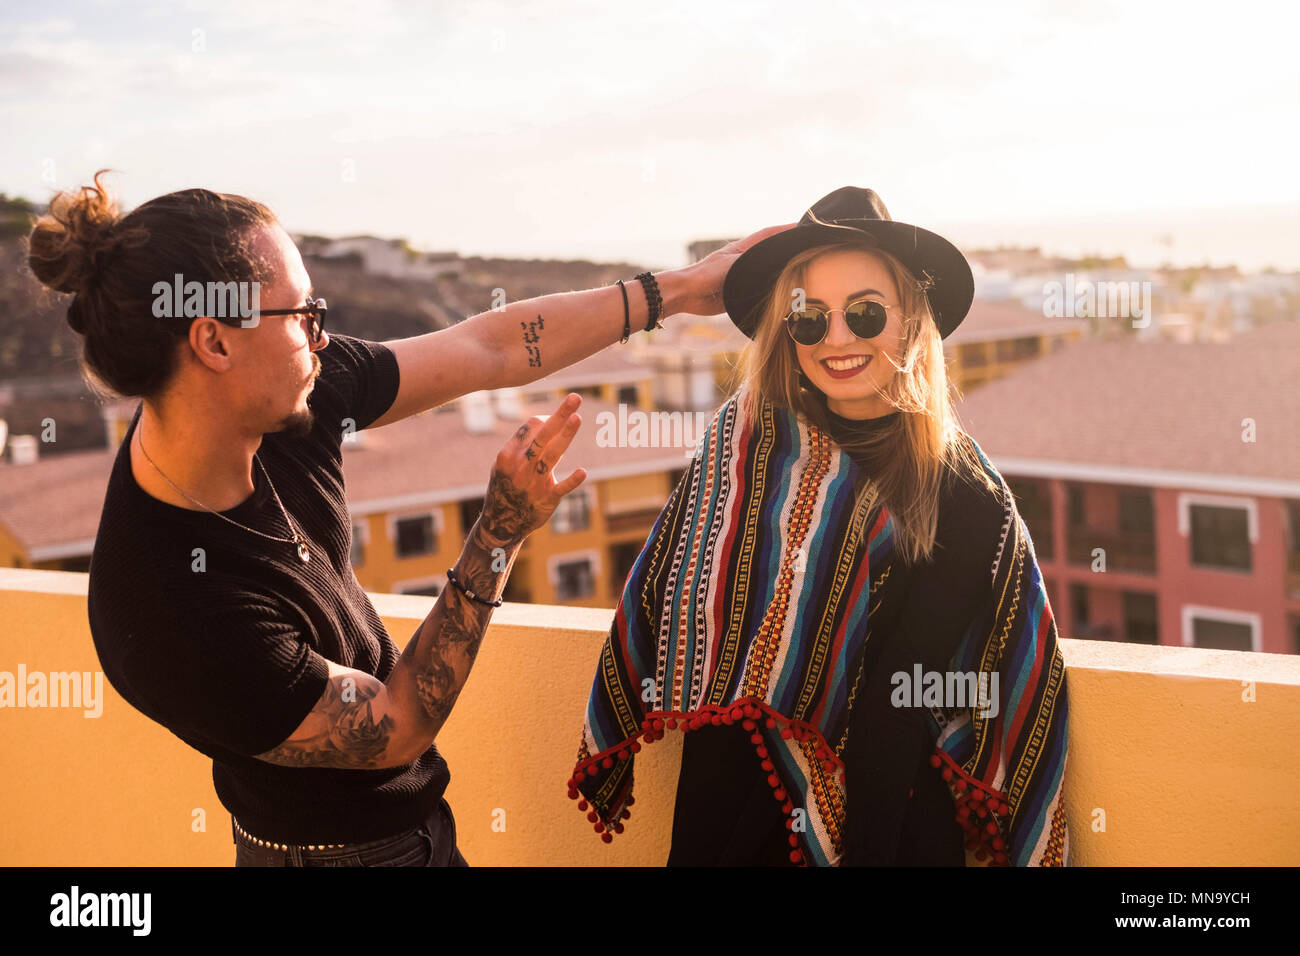 Bella coppia di amici del modello in rapporto a divertirsi sulla terrazza sul tetto di casa con incredibile vista su altre case e panorama. Ha un sorriso Immagini Stock